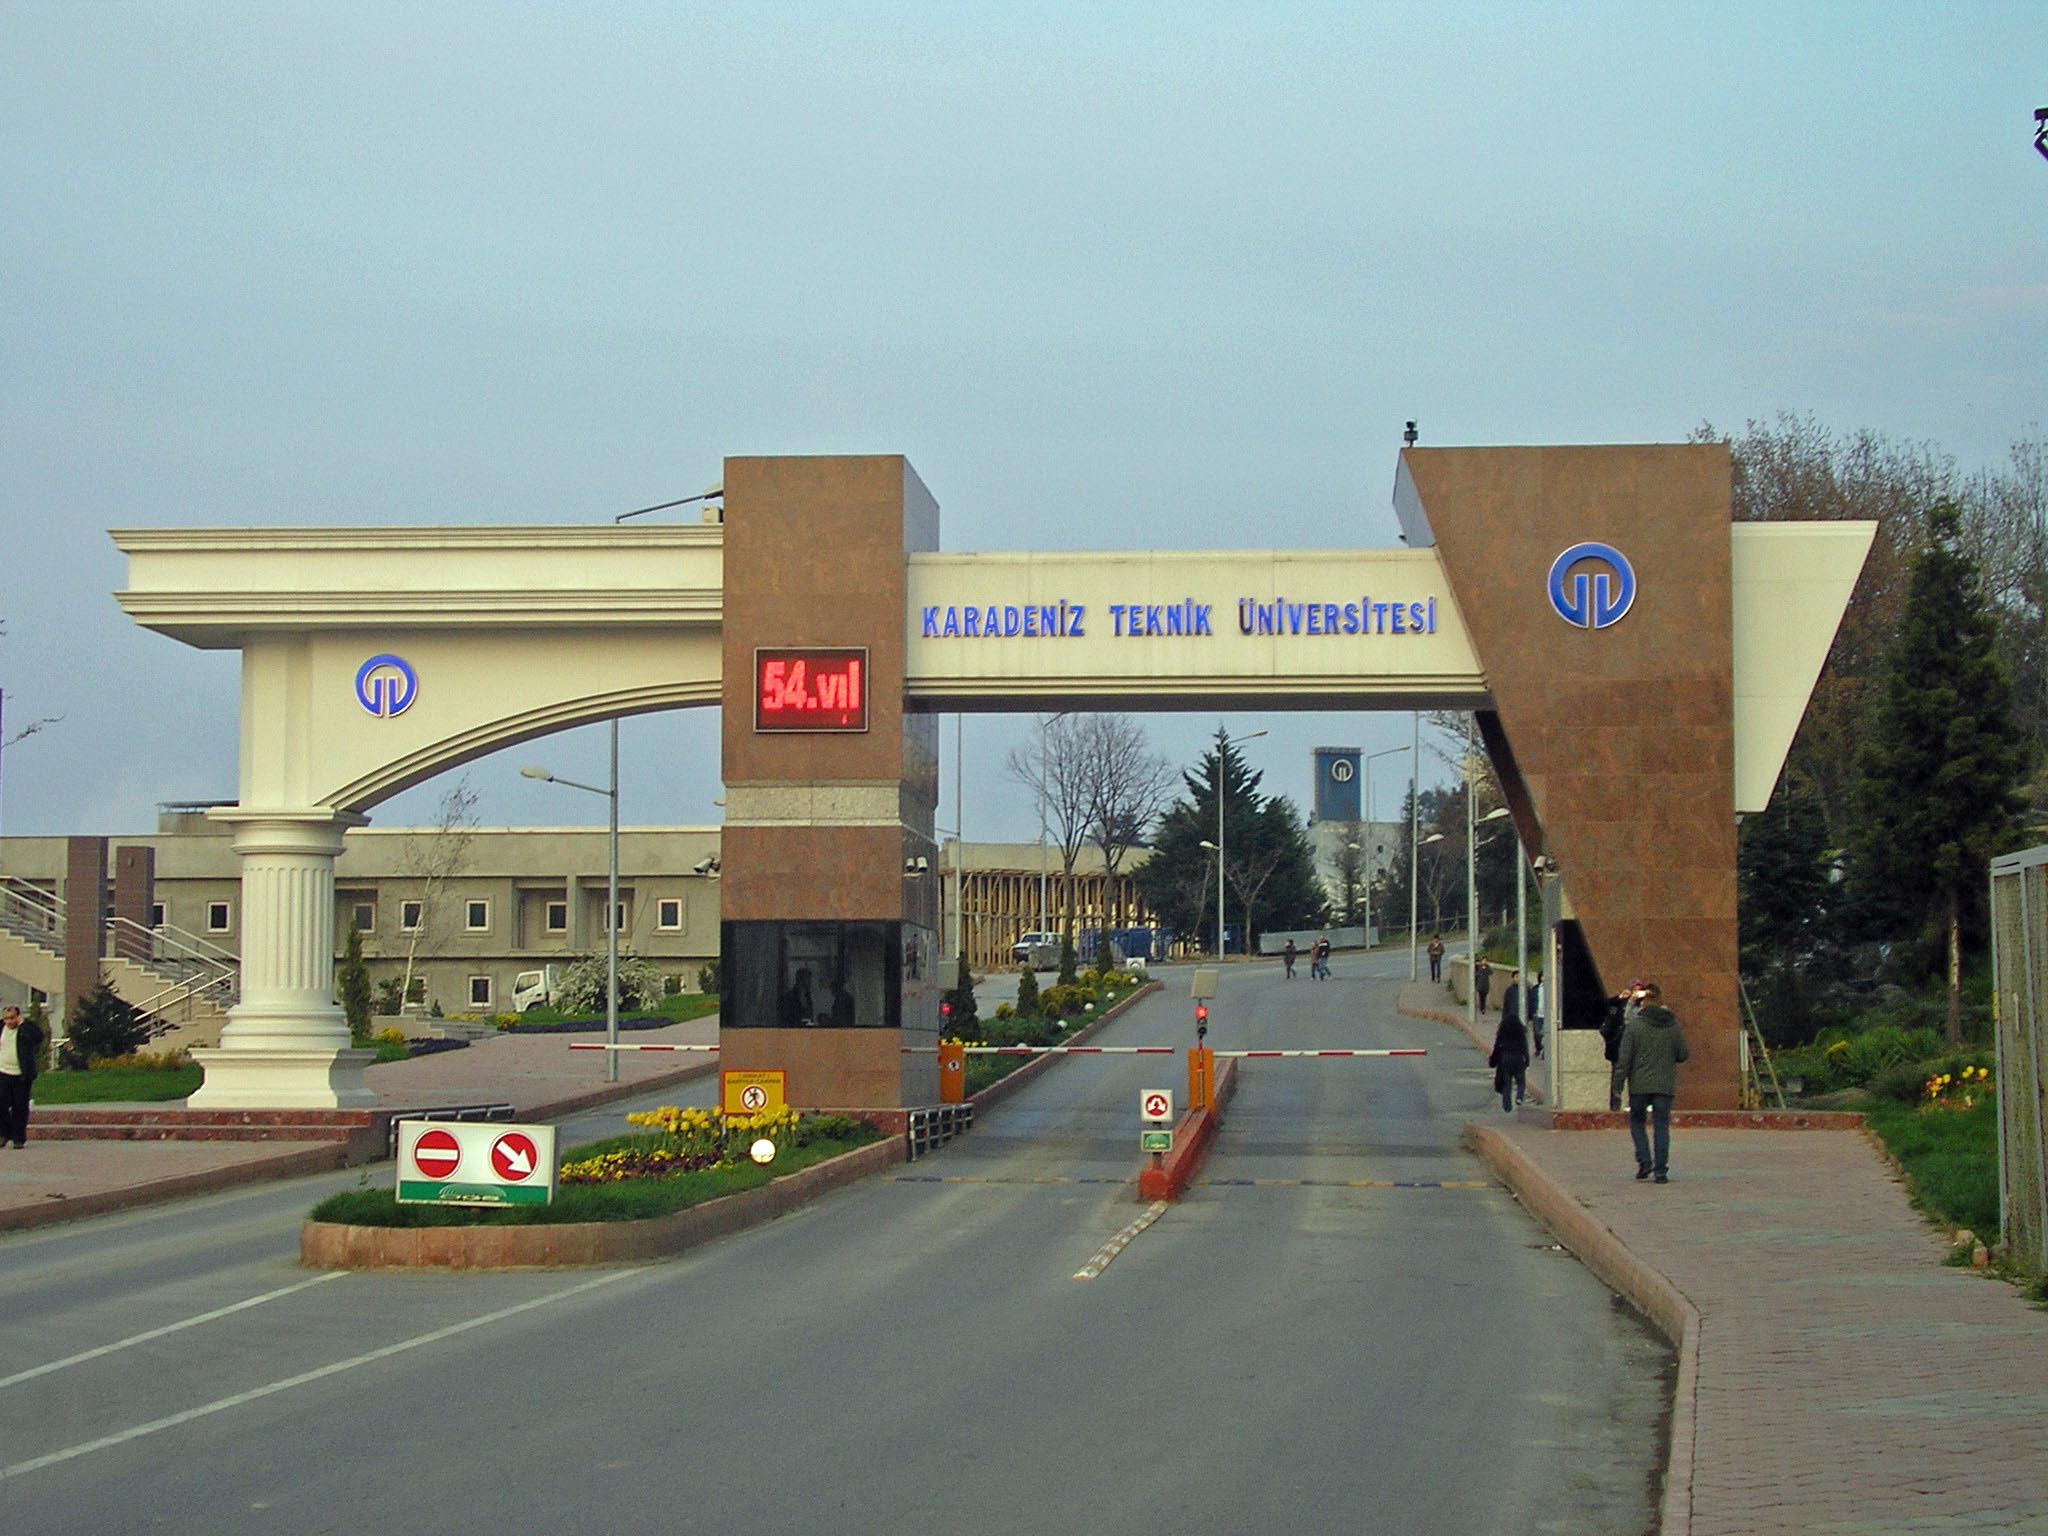 هزینه تحصیل در دانشگاه کارادنیز ترکیه